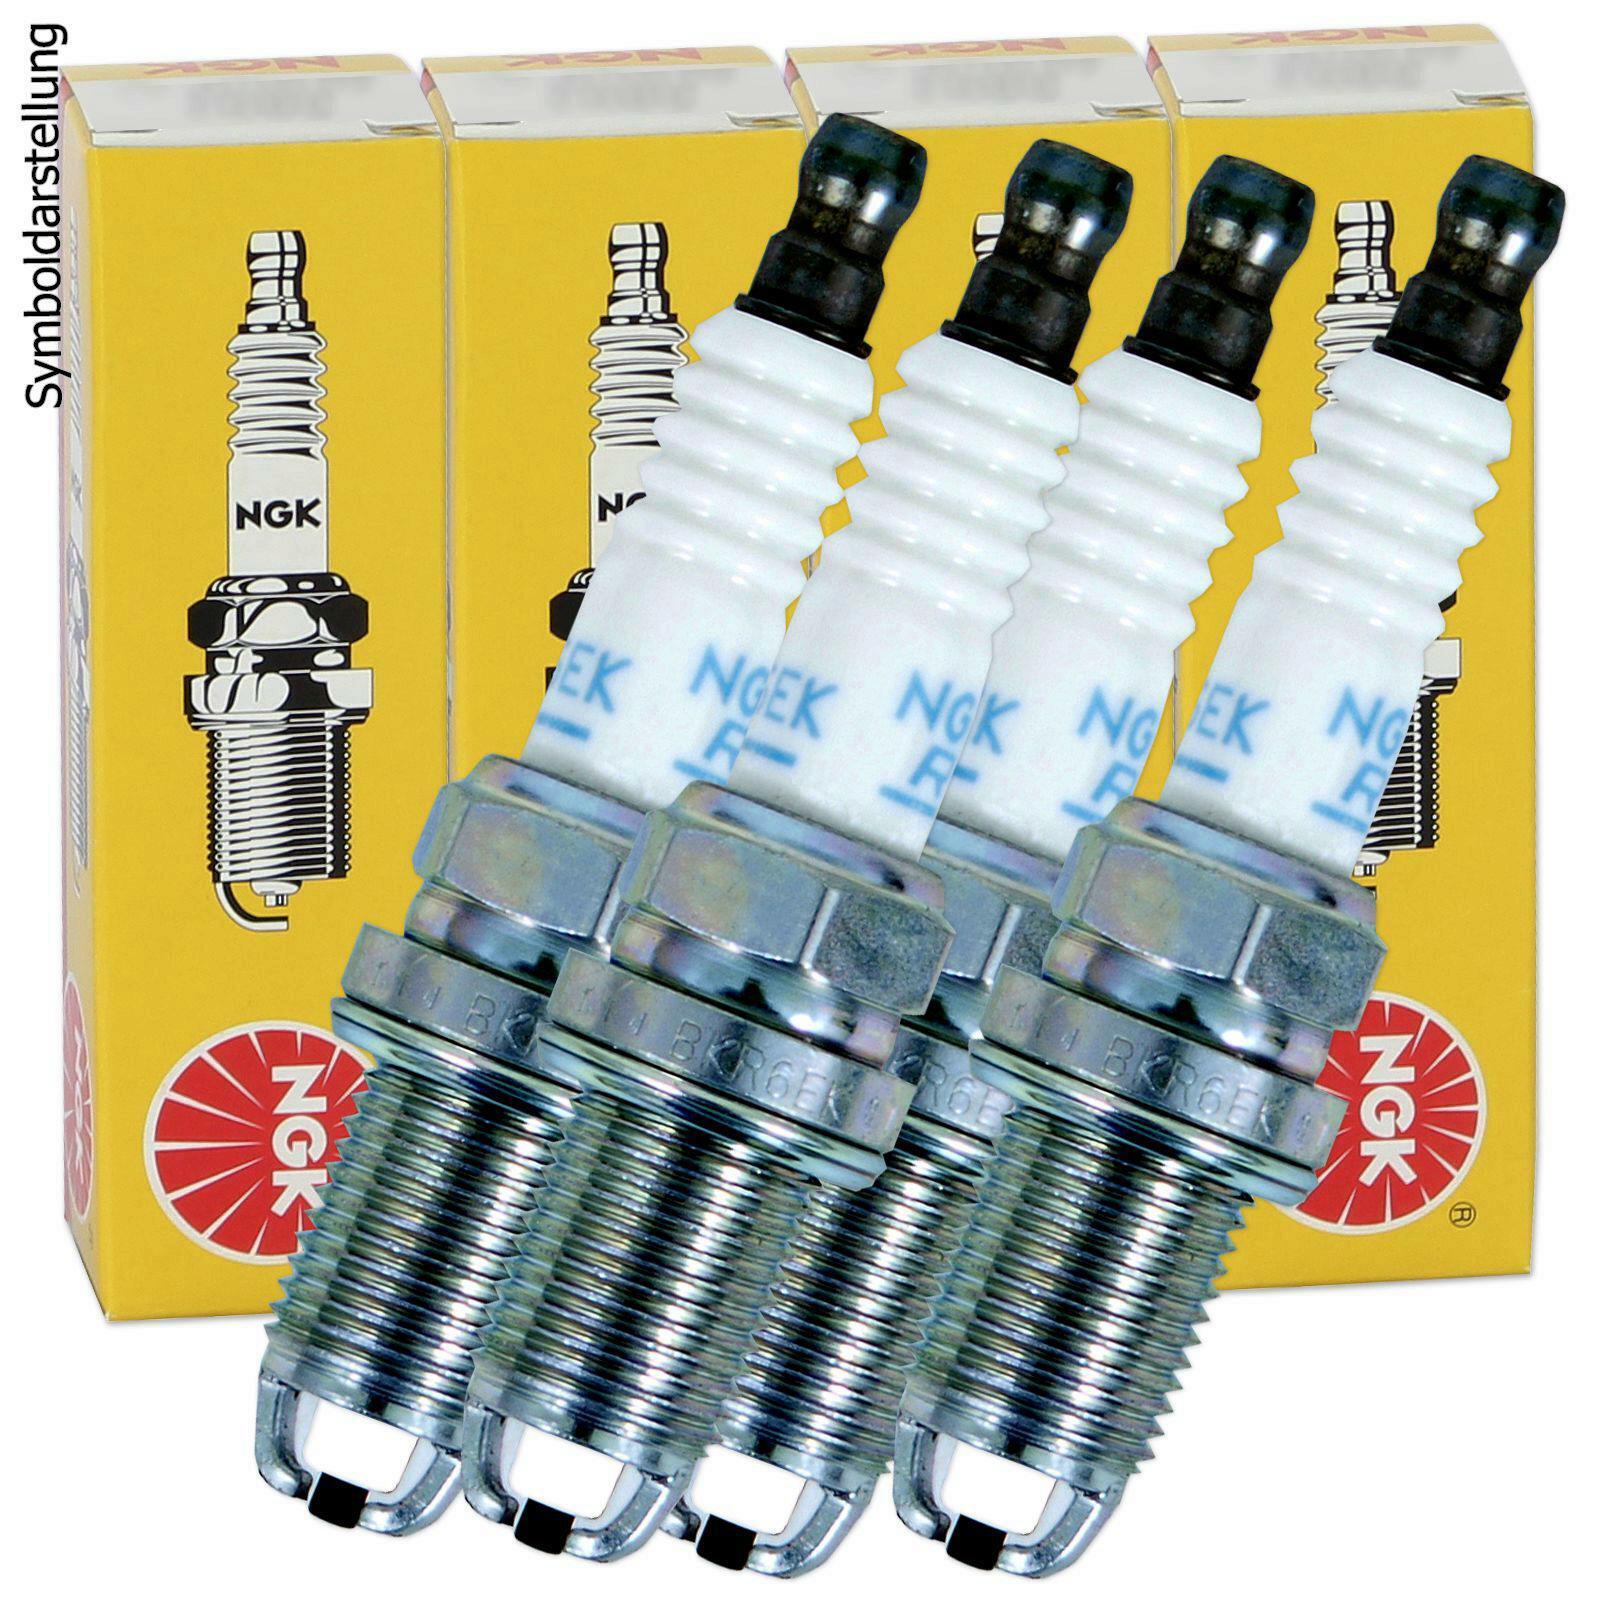 4x NGK Spark Plug V-Line 30